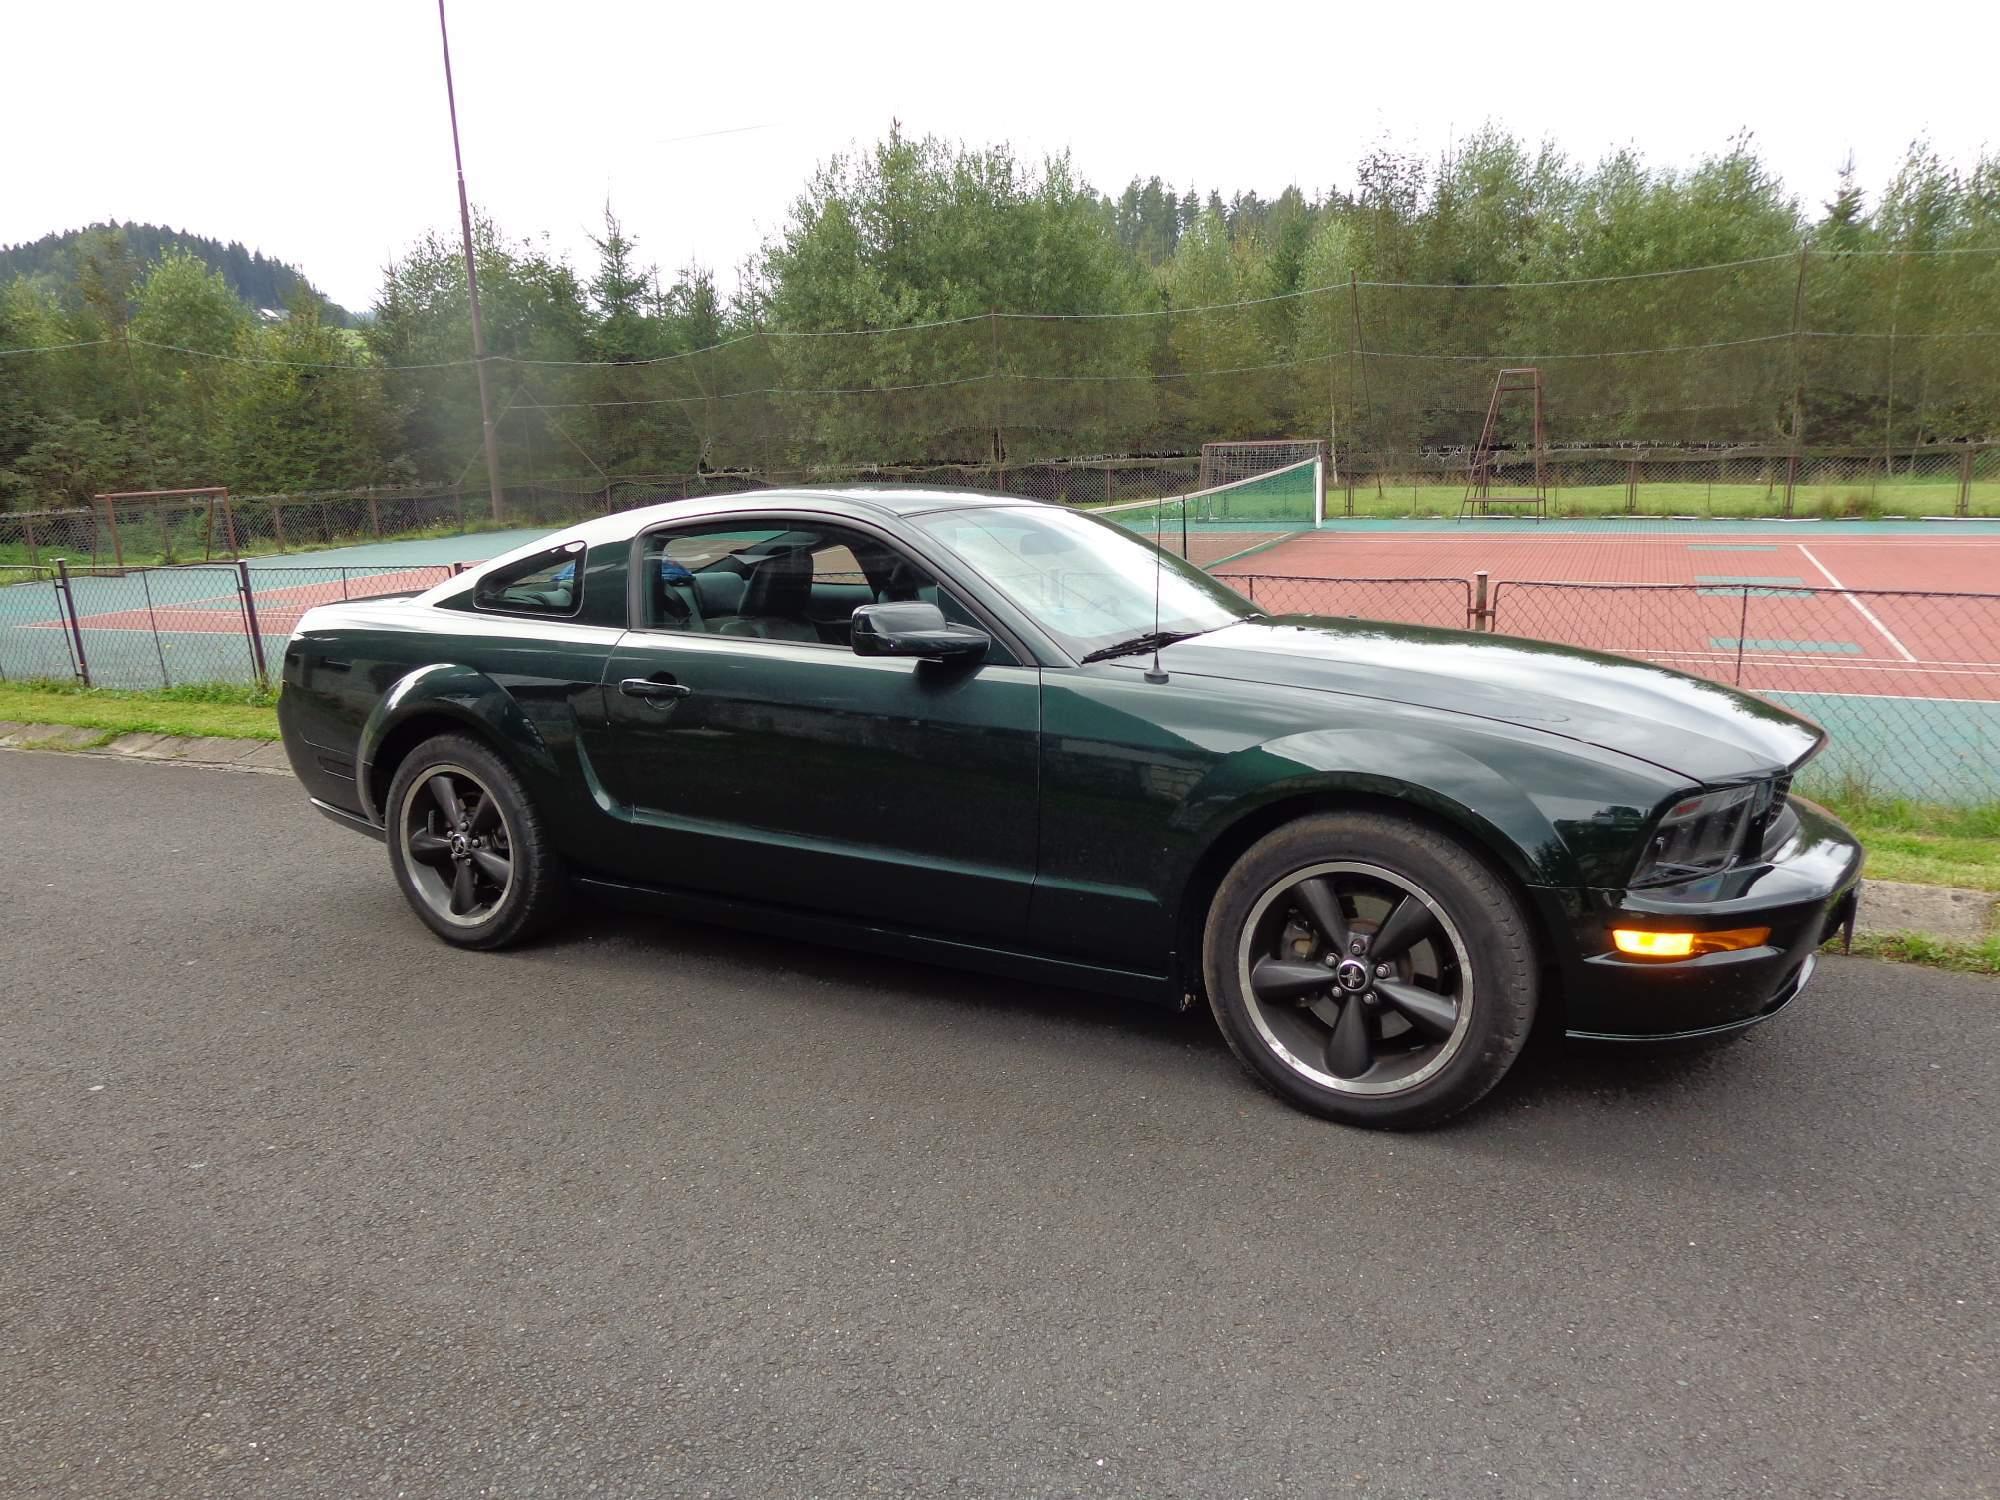 Ford Mustang v½pis diskuse v Ford